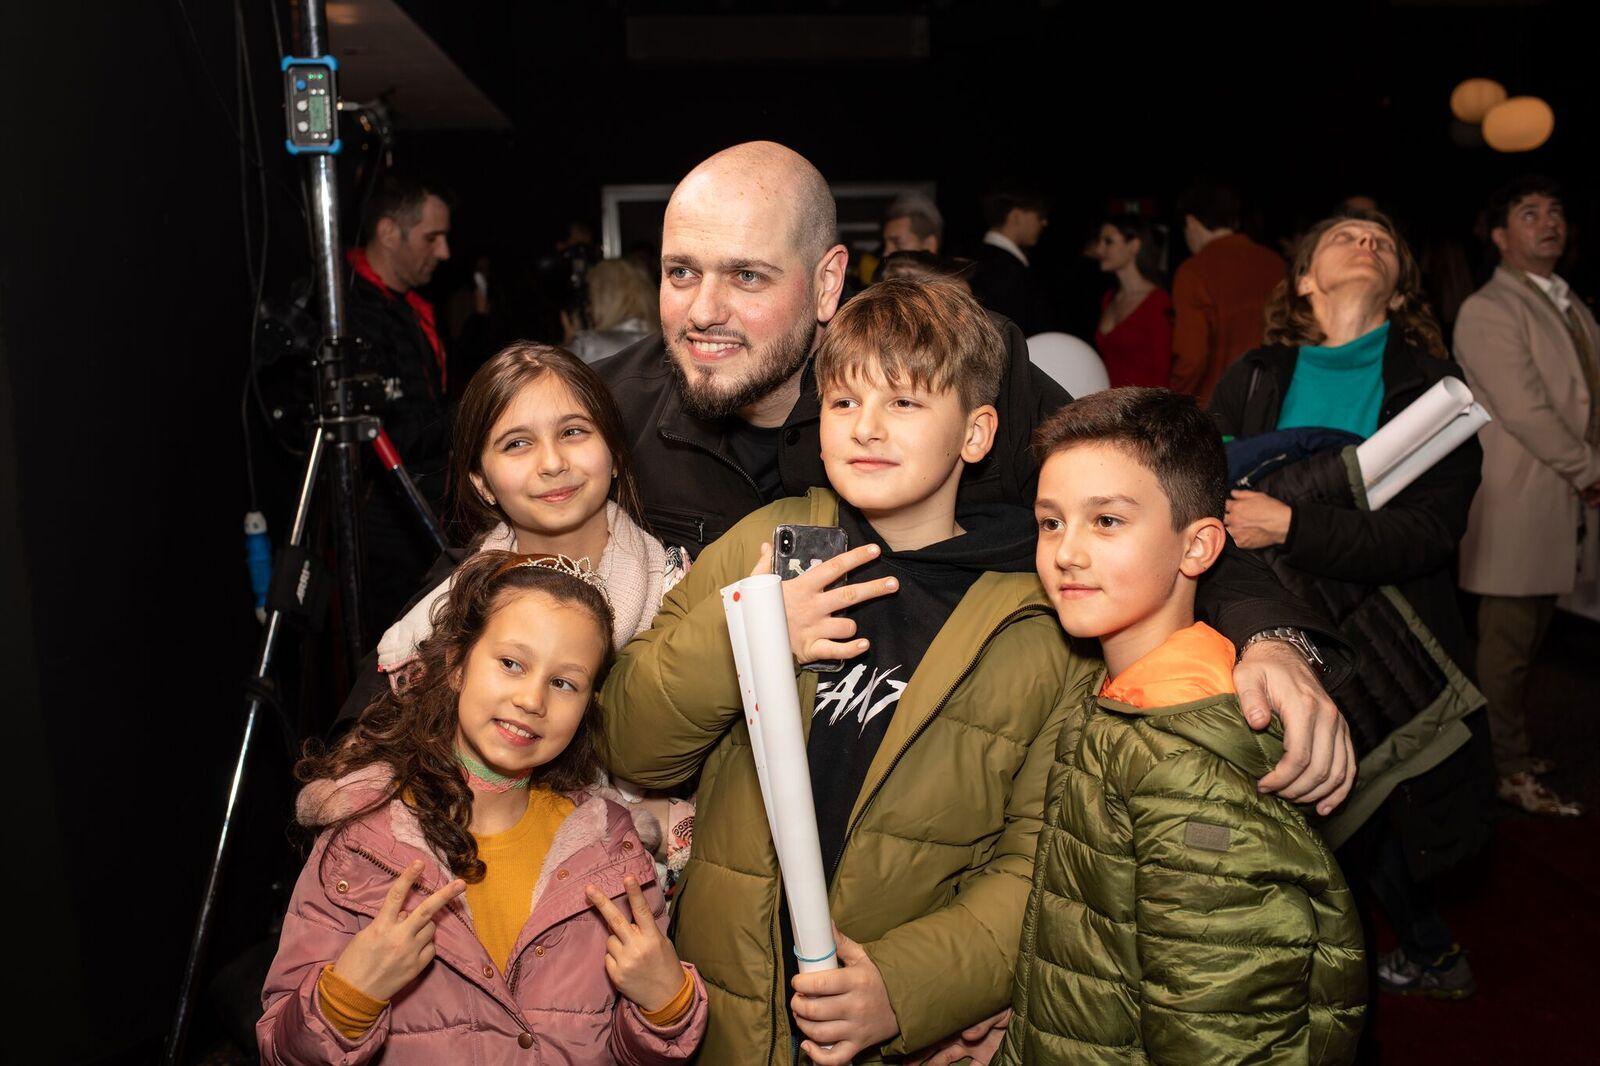 """In prag de sarbatori, premiera filmului """"5GANG: Un altfel de Craciun"""" a adus zambete pe fetele a sute de copii, la Grand Cinema Baneasa"""